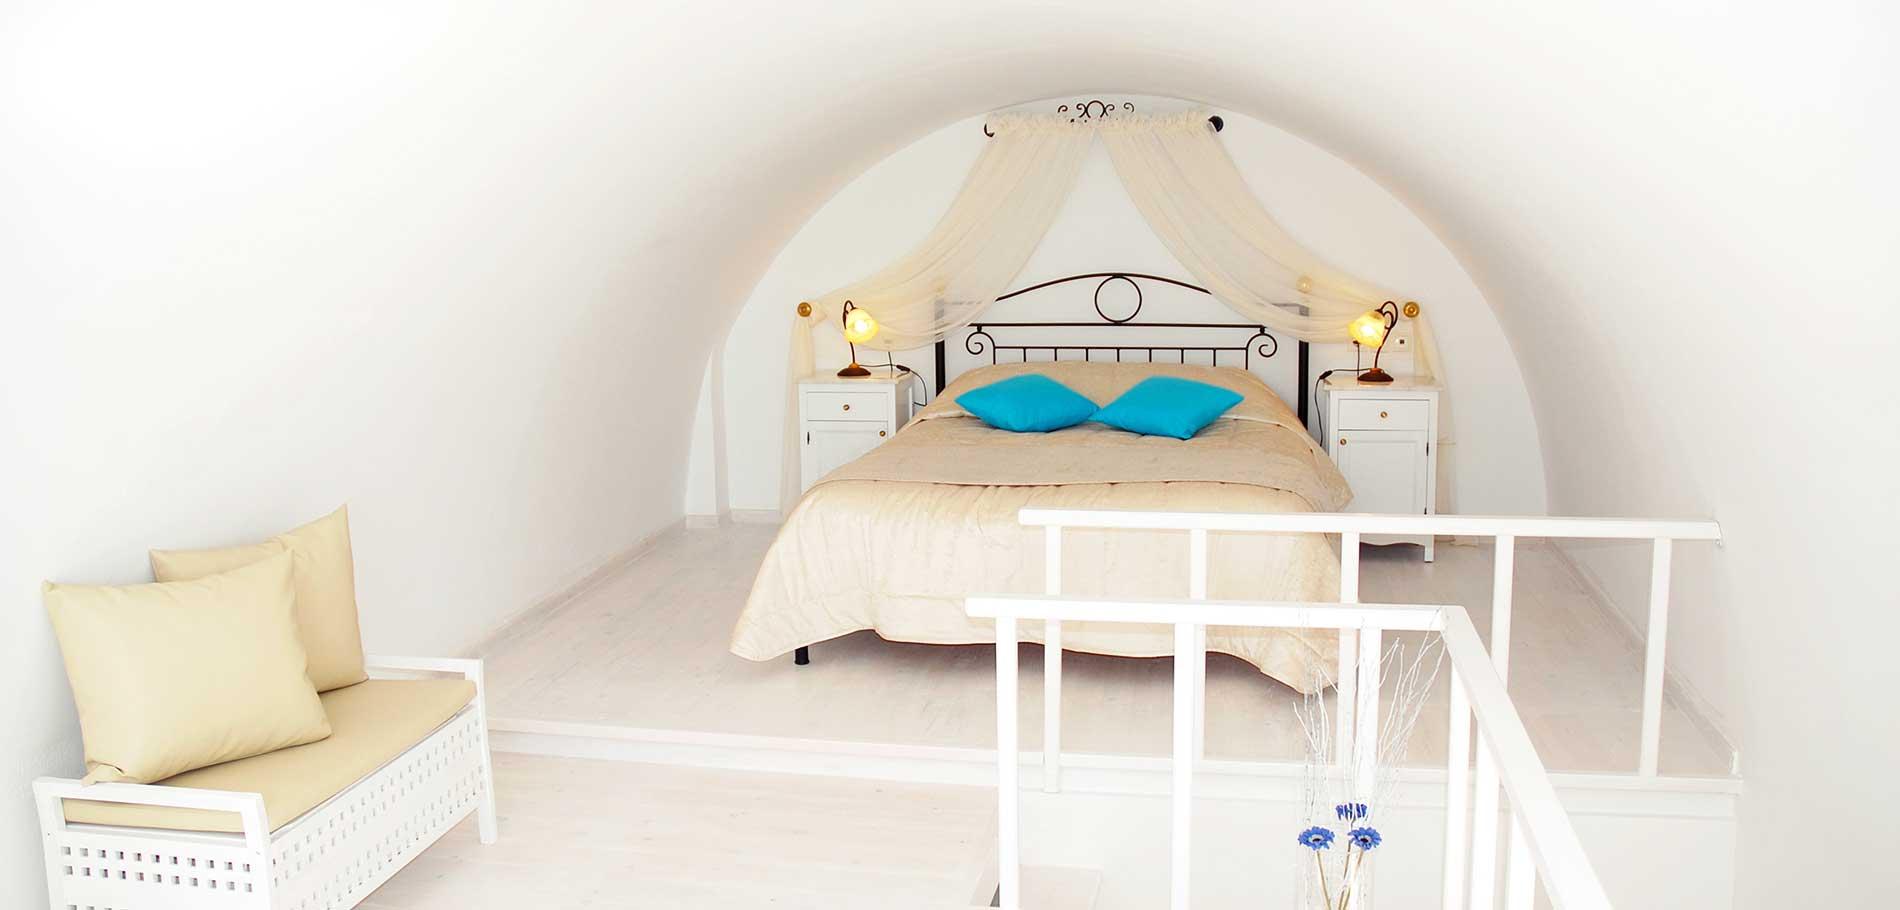 Reverie Santorini Hotel - Home